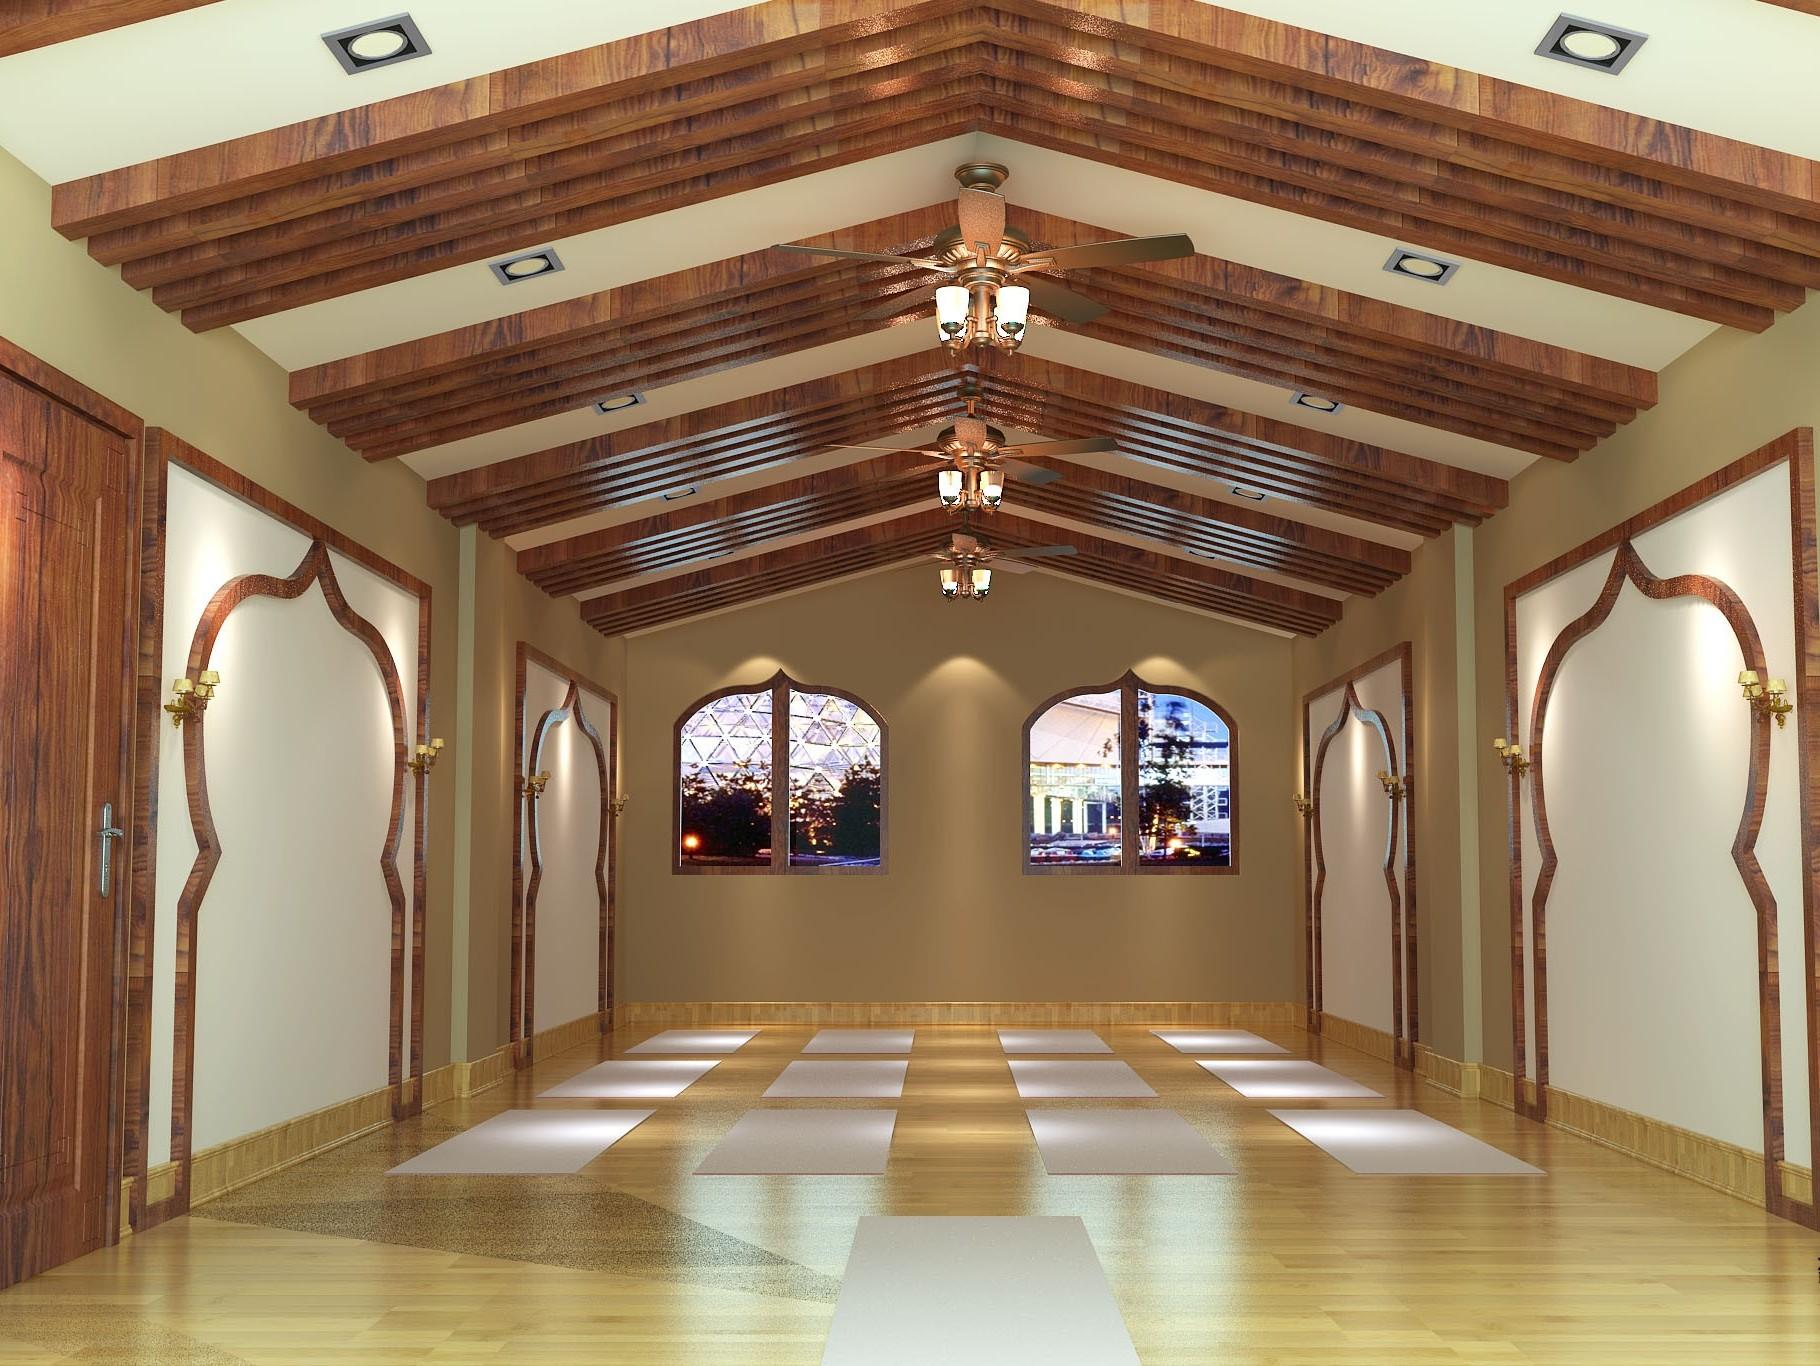 印度风瑜伽会馆-成都瑜伽馆装修,成都瑜伽馆设计,成都瑜伽馆装修设计